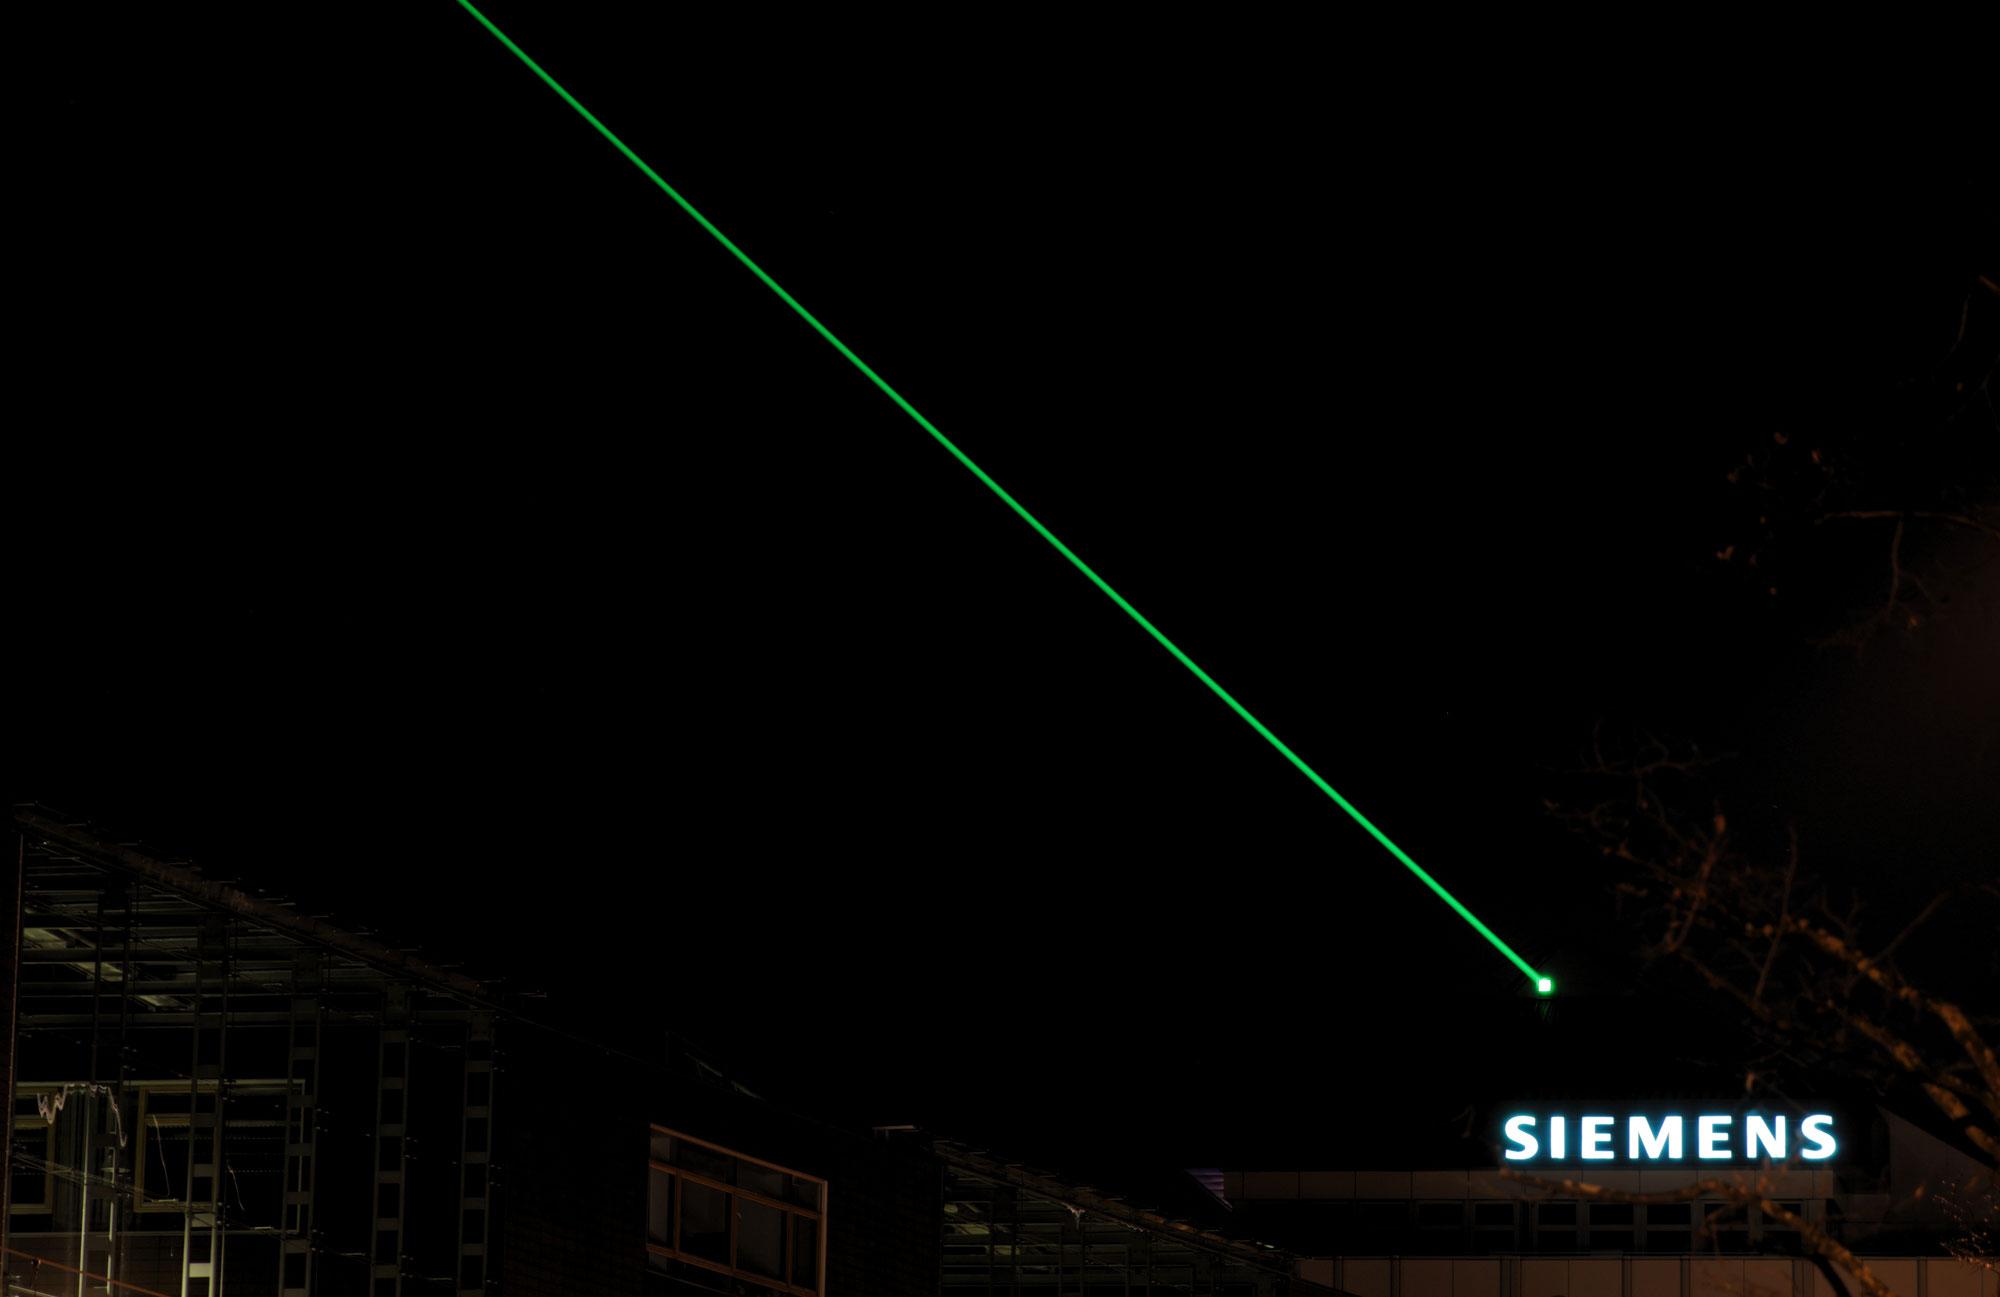 Der Laser leuchtet